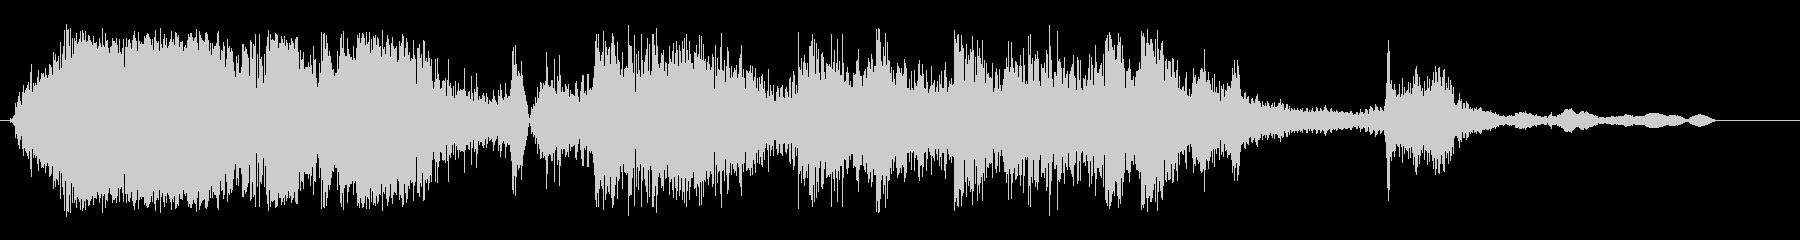 ガチャーンガンガラガン(物が壊れ散乱)の未再生の波形